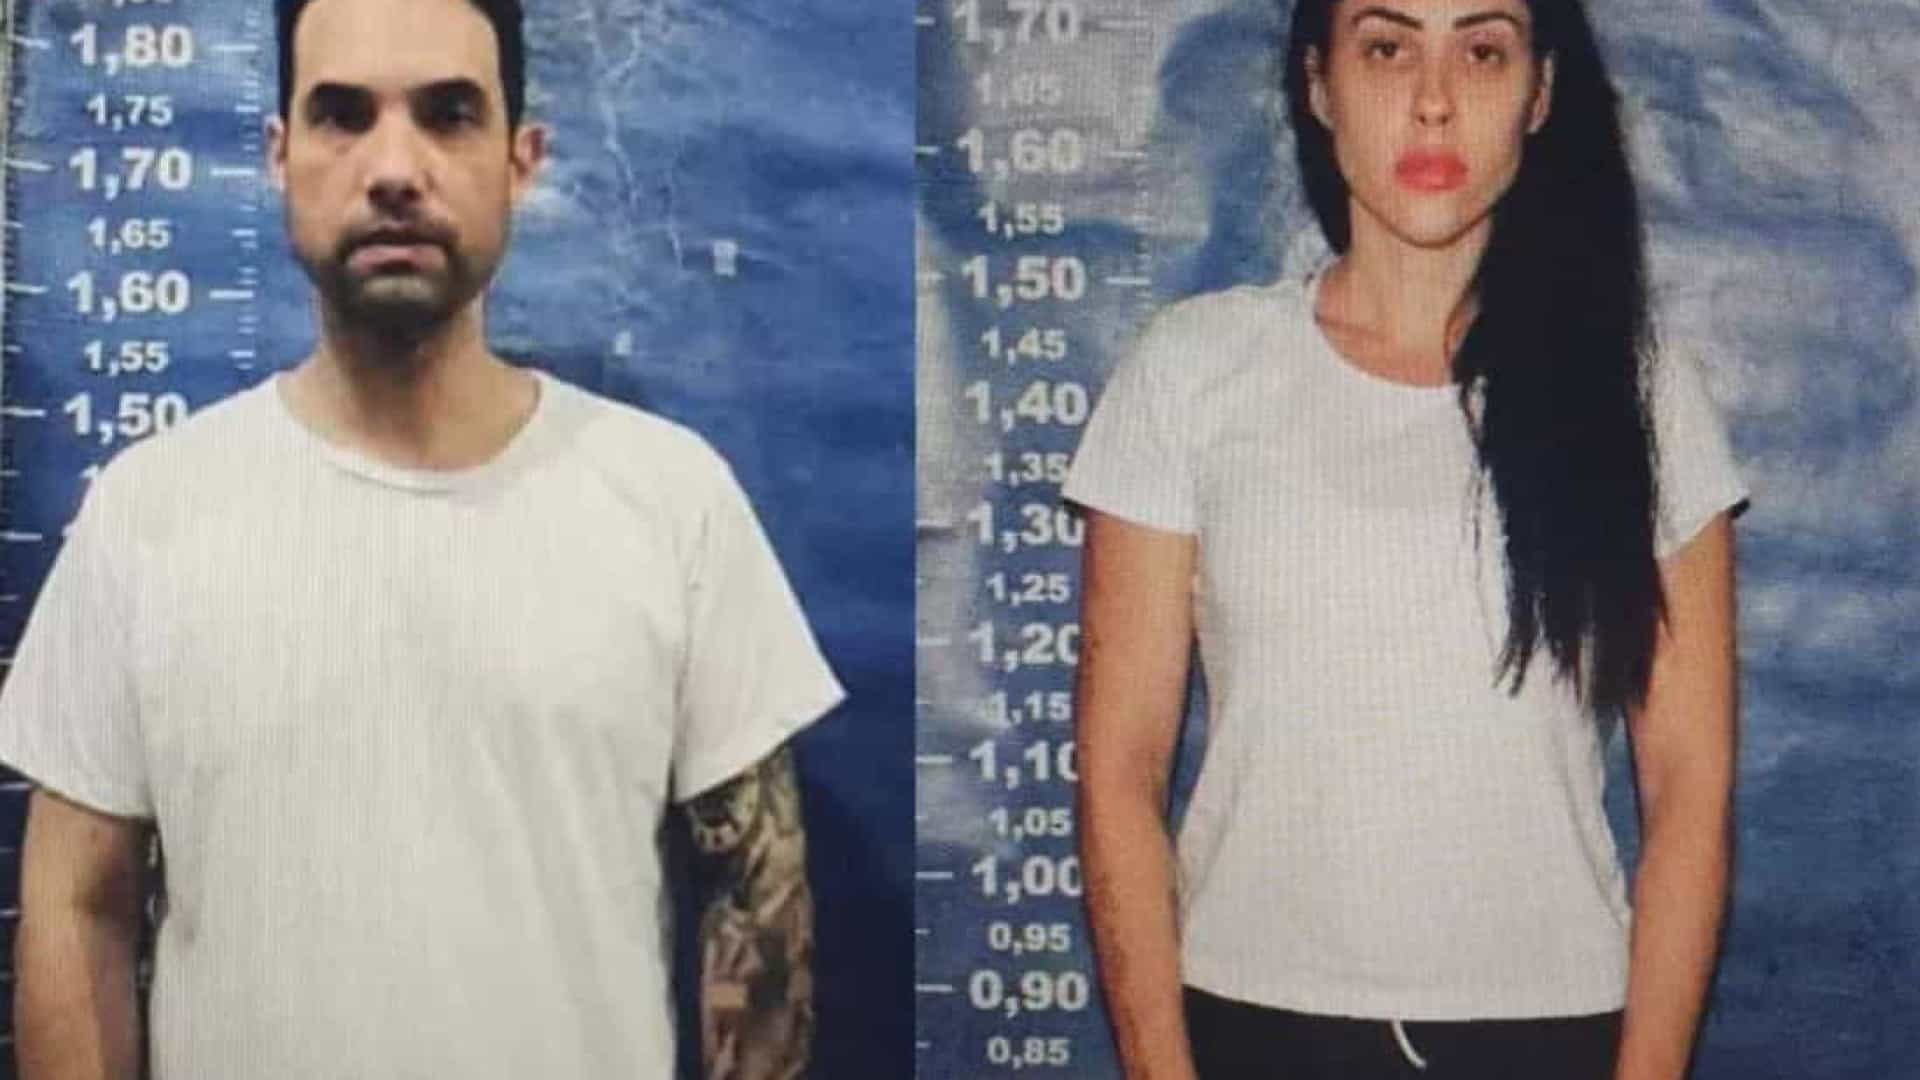 Fotos mostram Jairinho e Monique entrando no sistema penitenciário por caso Henry